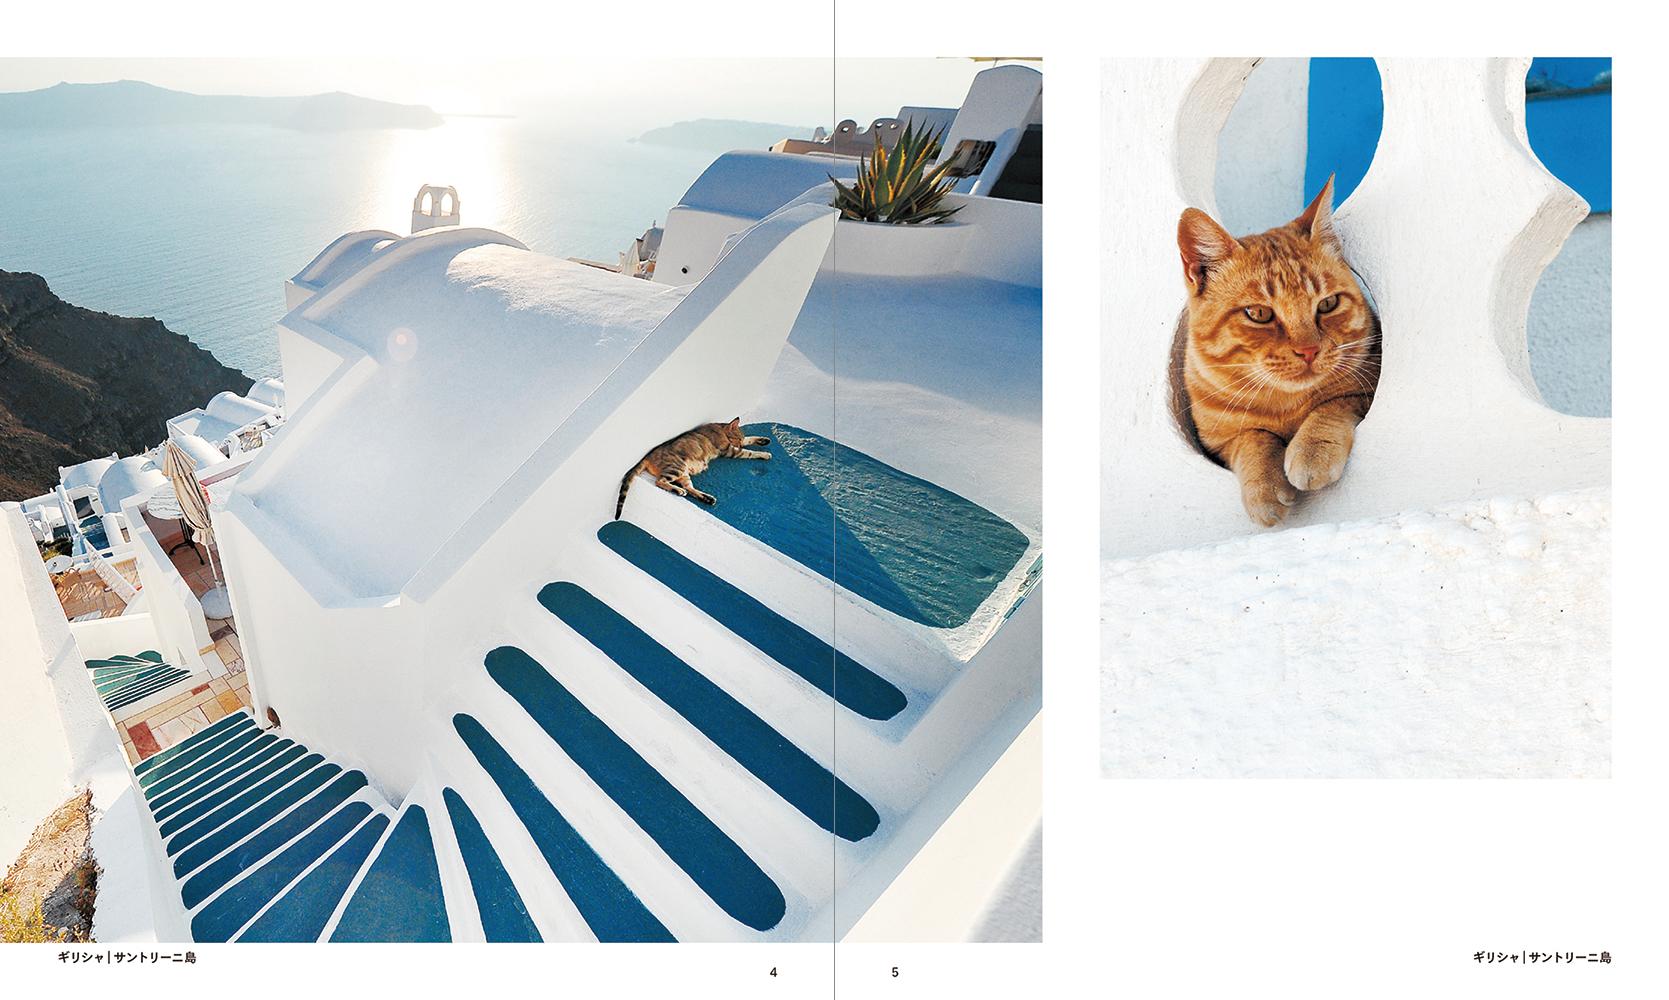 『世界の街猫』